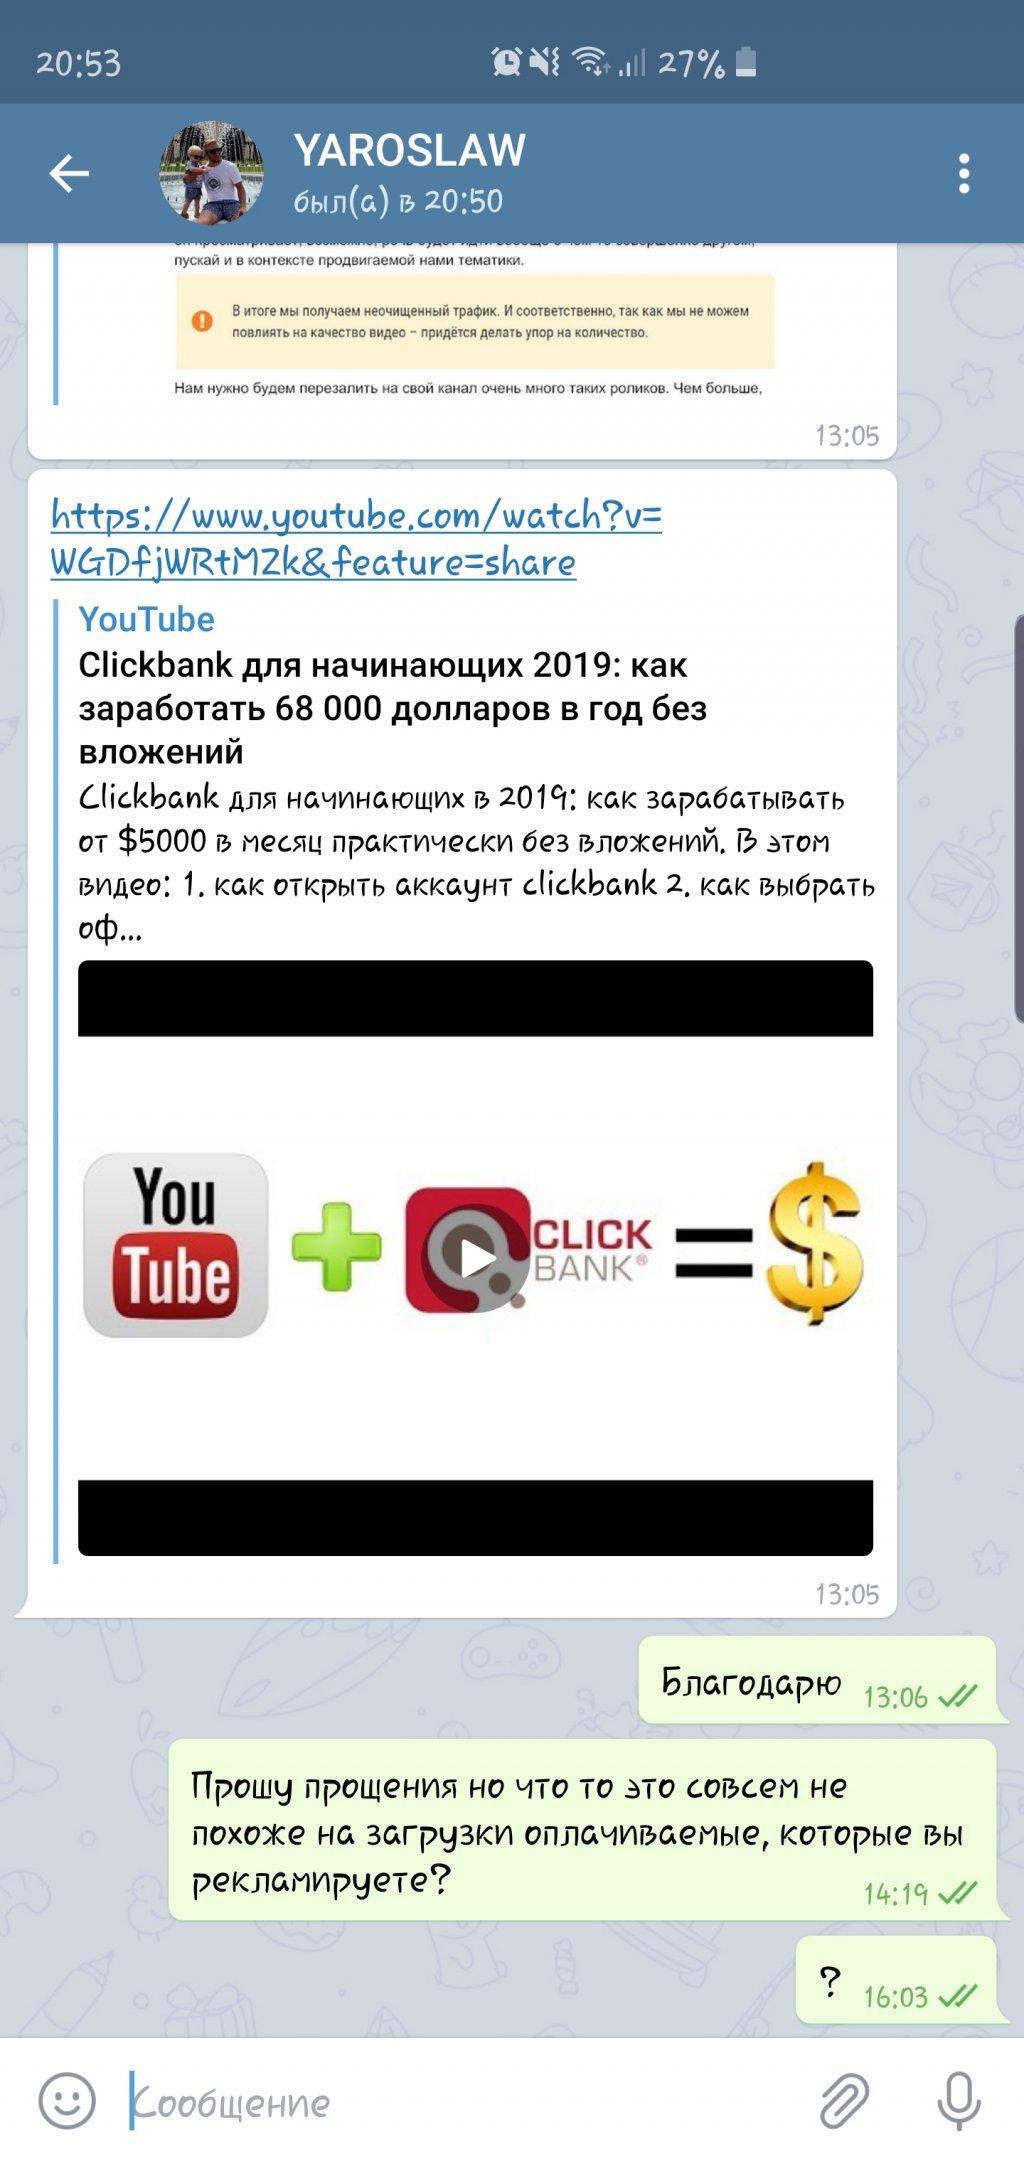 Телеграм канал Локация / Locatcia - Мошеник, не ведитесь и не платите